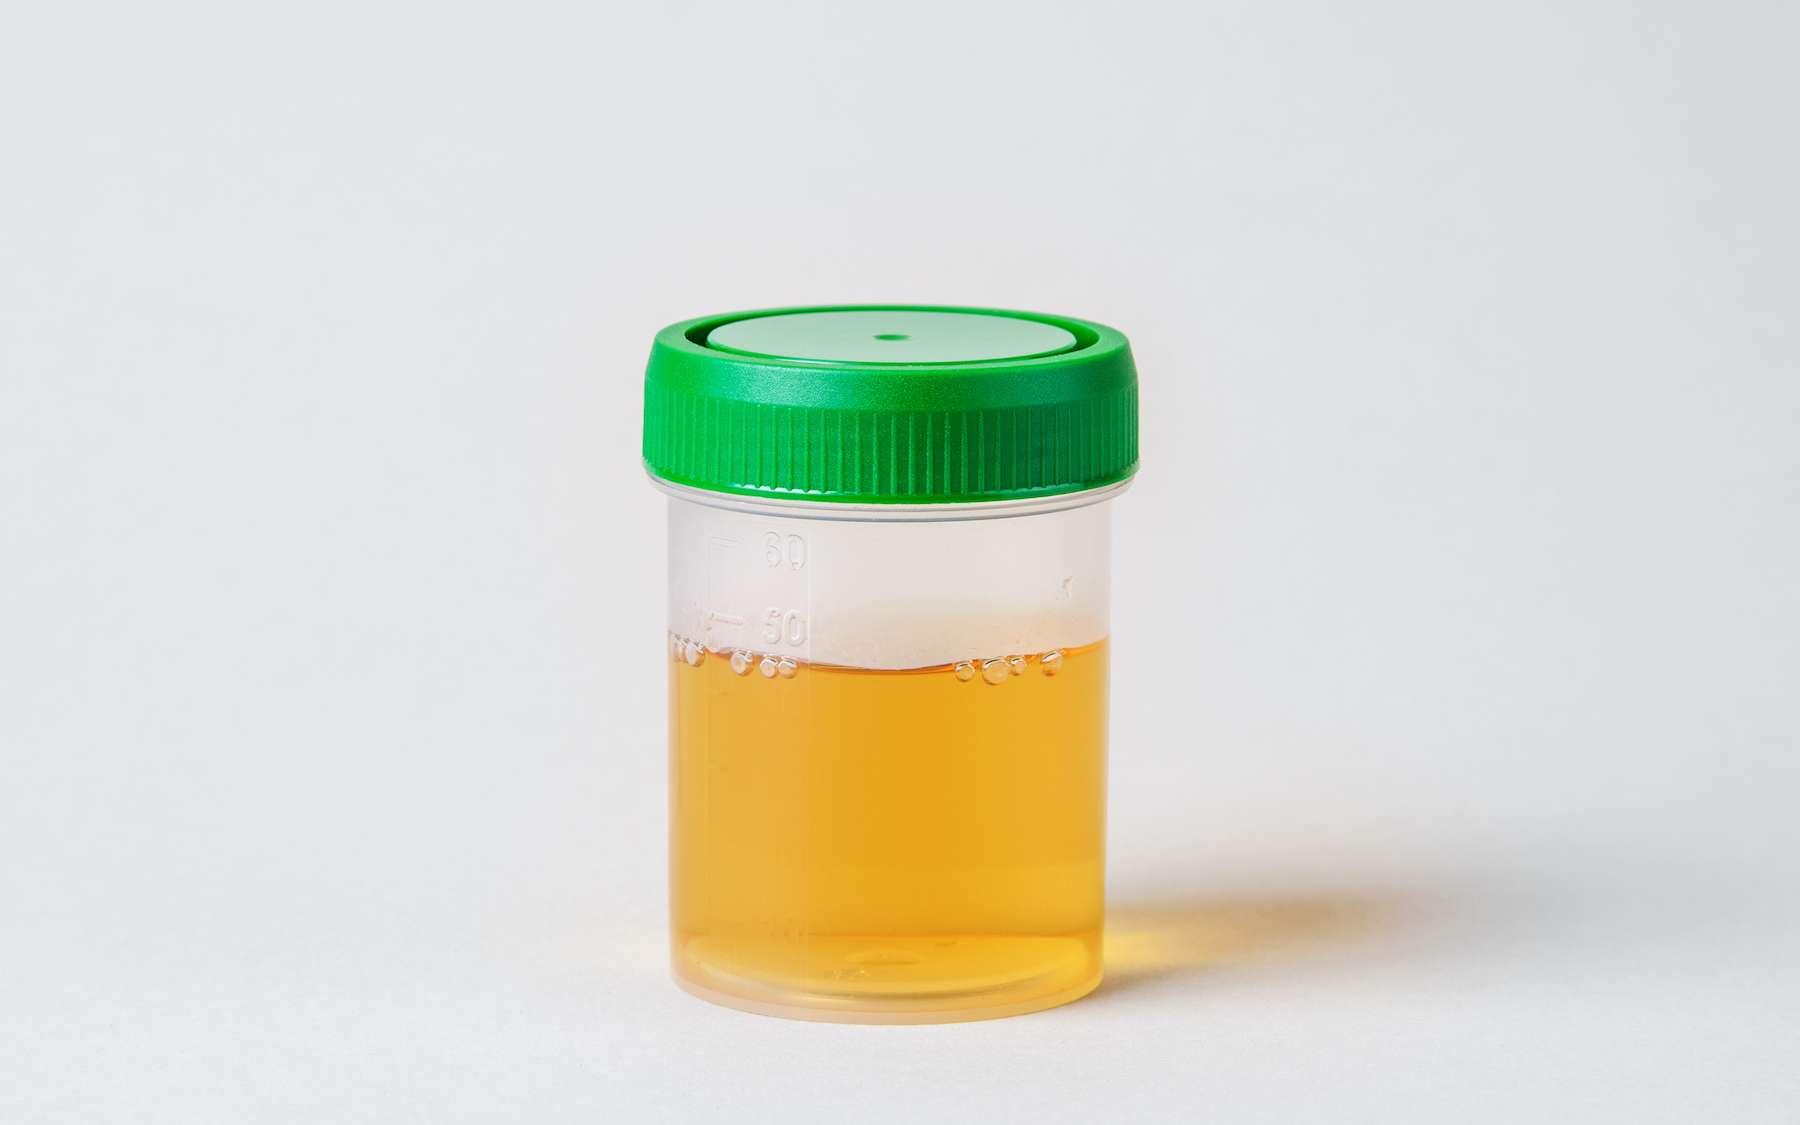 La couleur jaune de l'urine est liée à la présence d'urobiline. © adragan, Adobe Stock